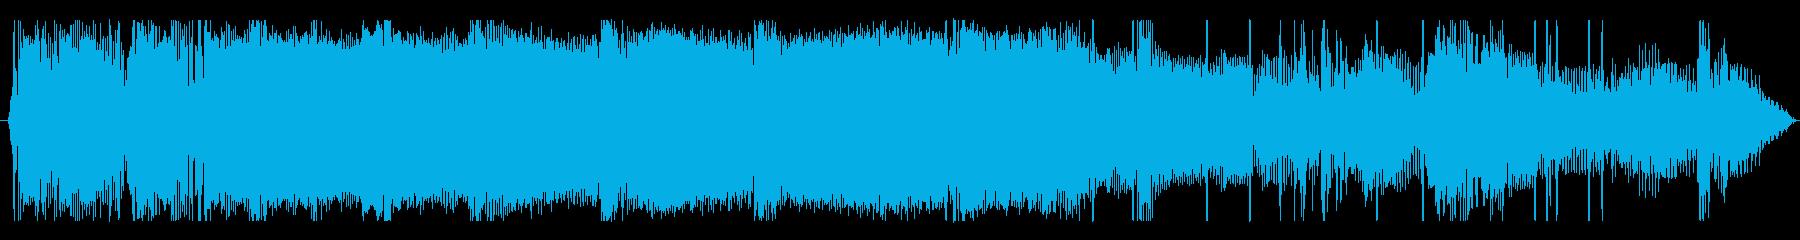 車 スバルインプレッサロングアクセ...の再生済みの波形